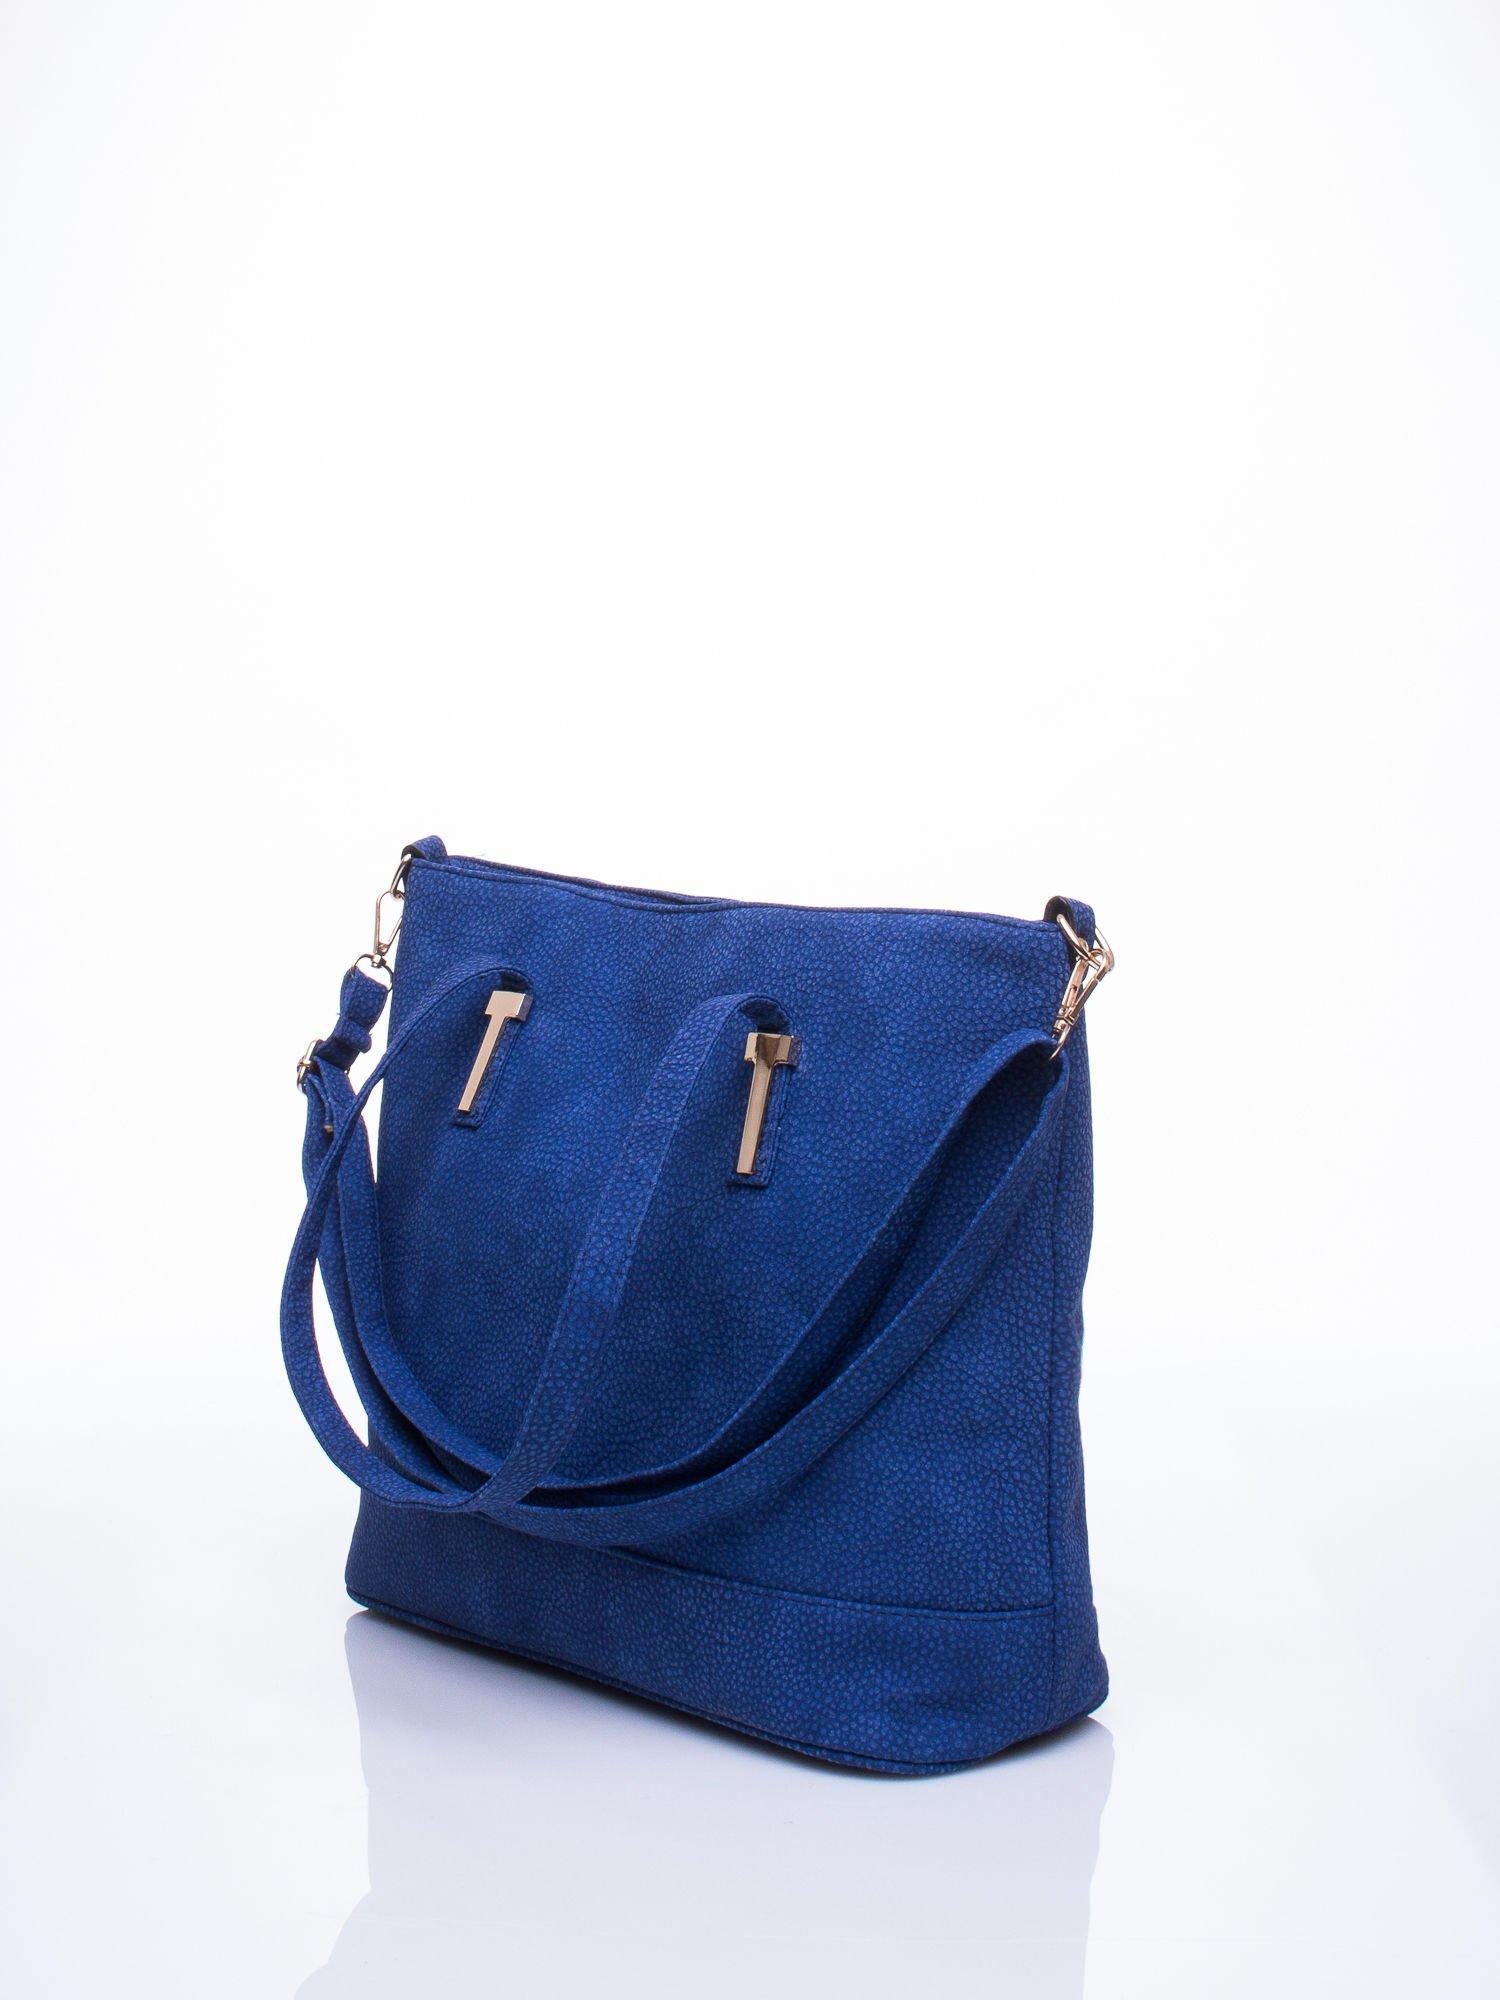 Niebieska torba shopperka z odczepianym paskiem                                   zdj.                                  2